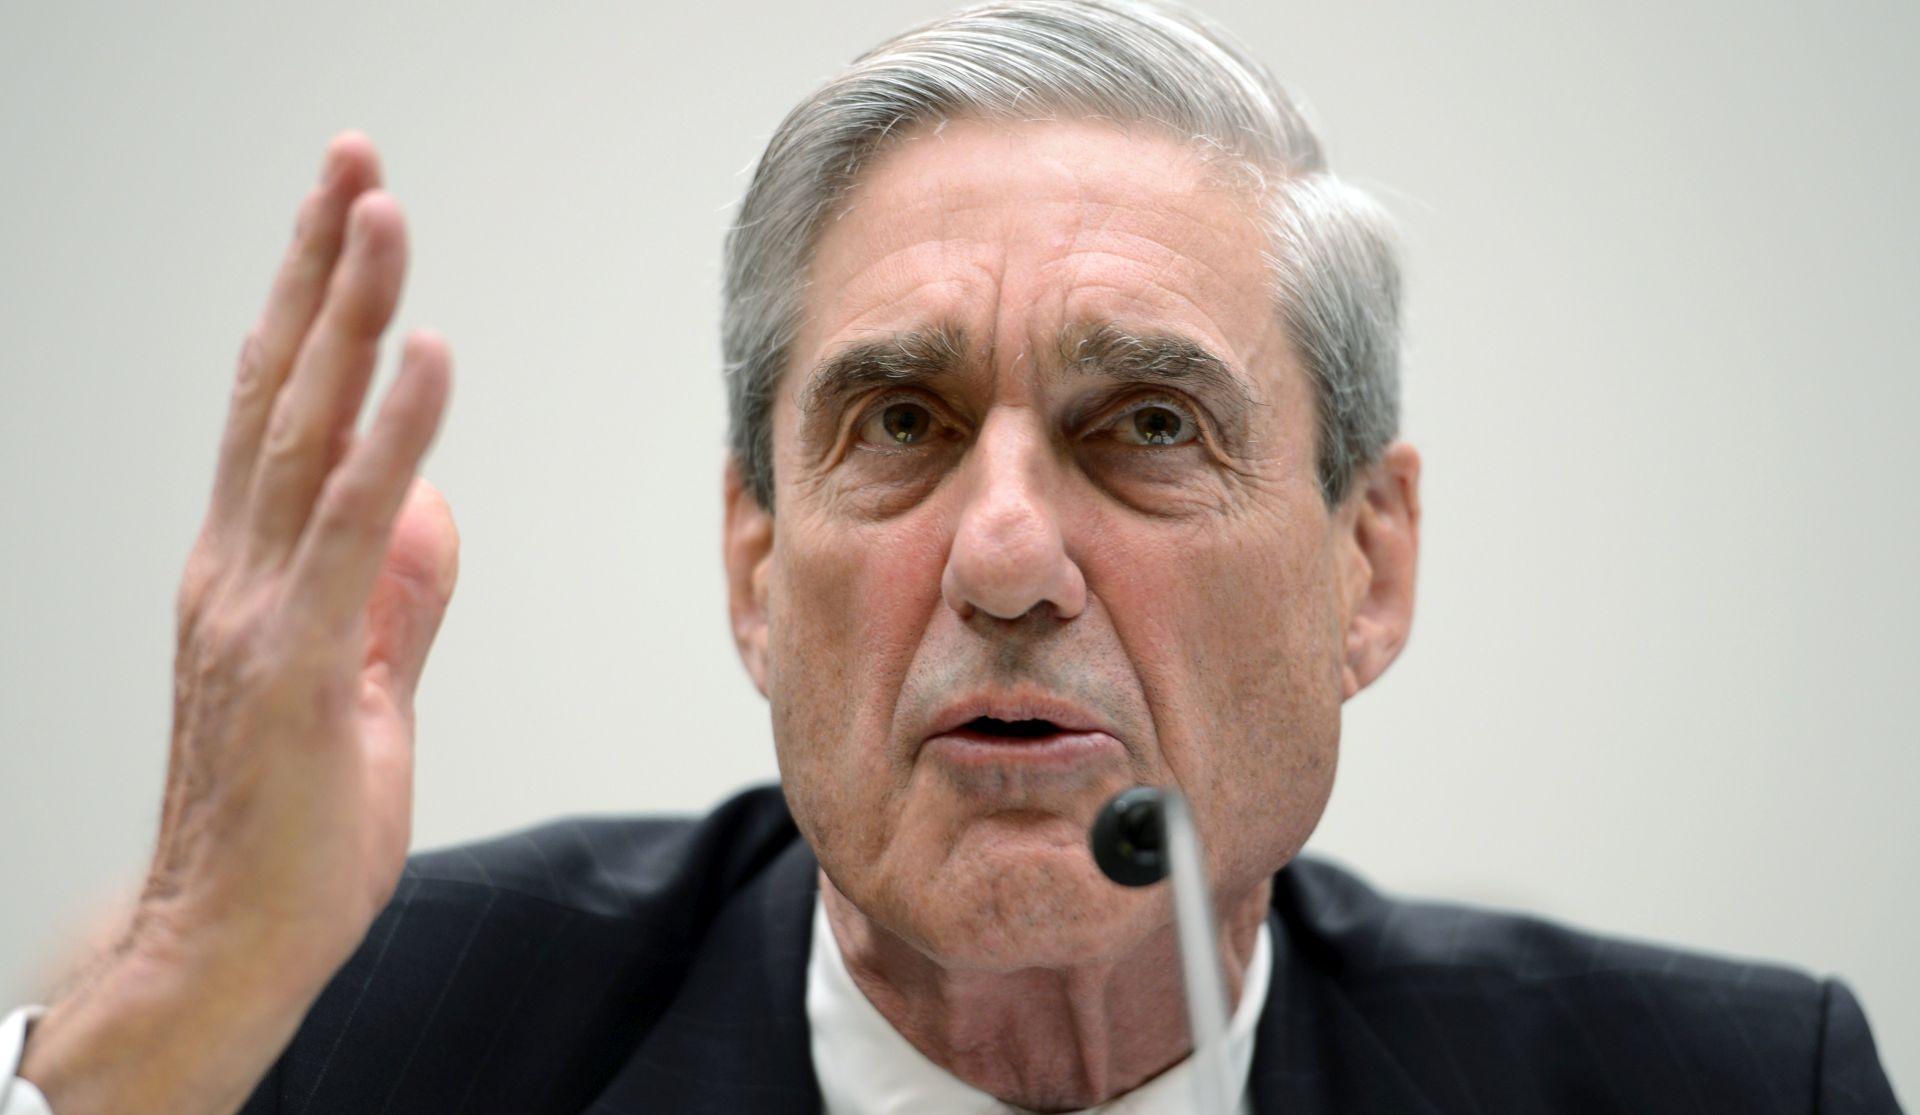 Imenovan poseban tužitelj za istragu povezanosti Trumpa i Rusije